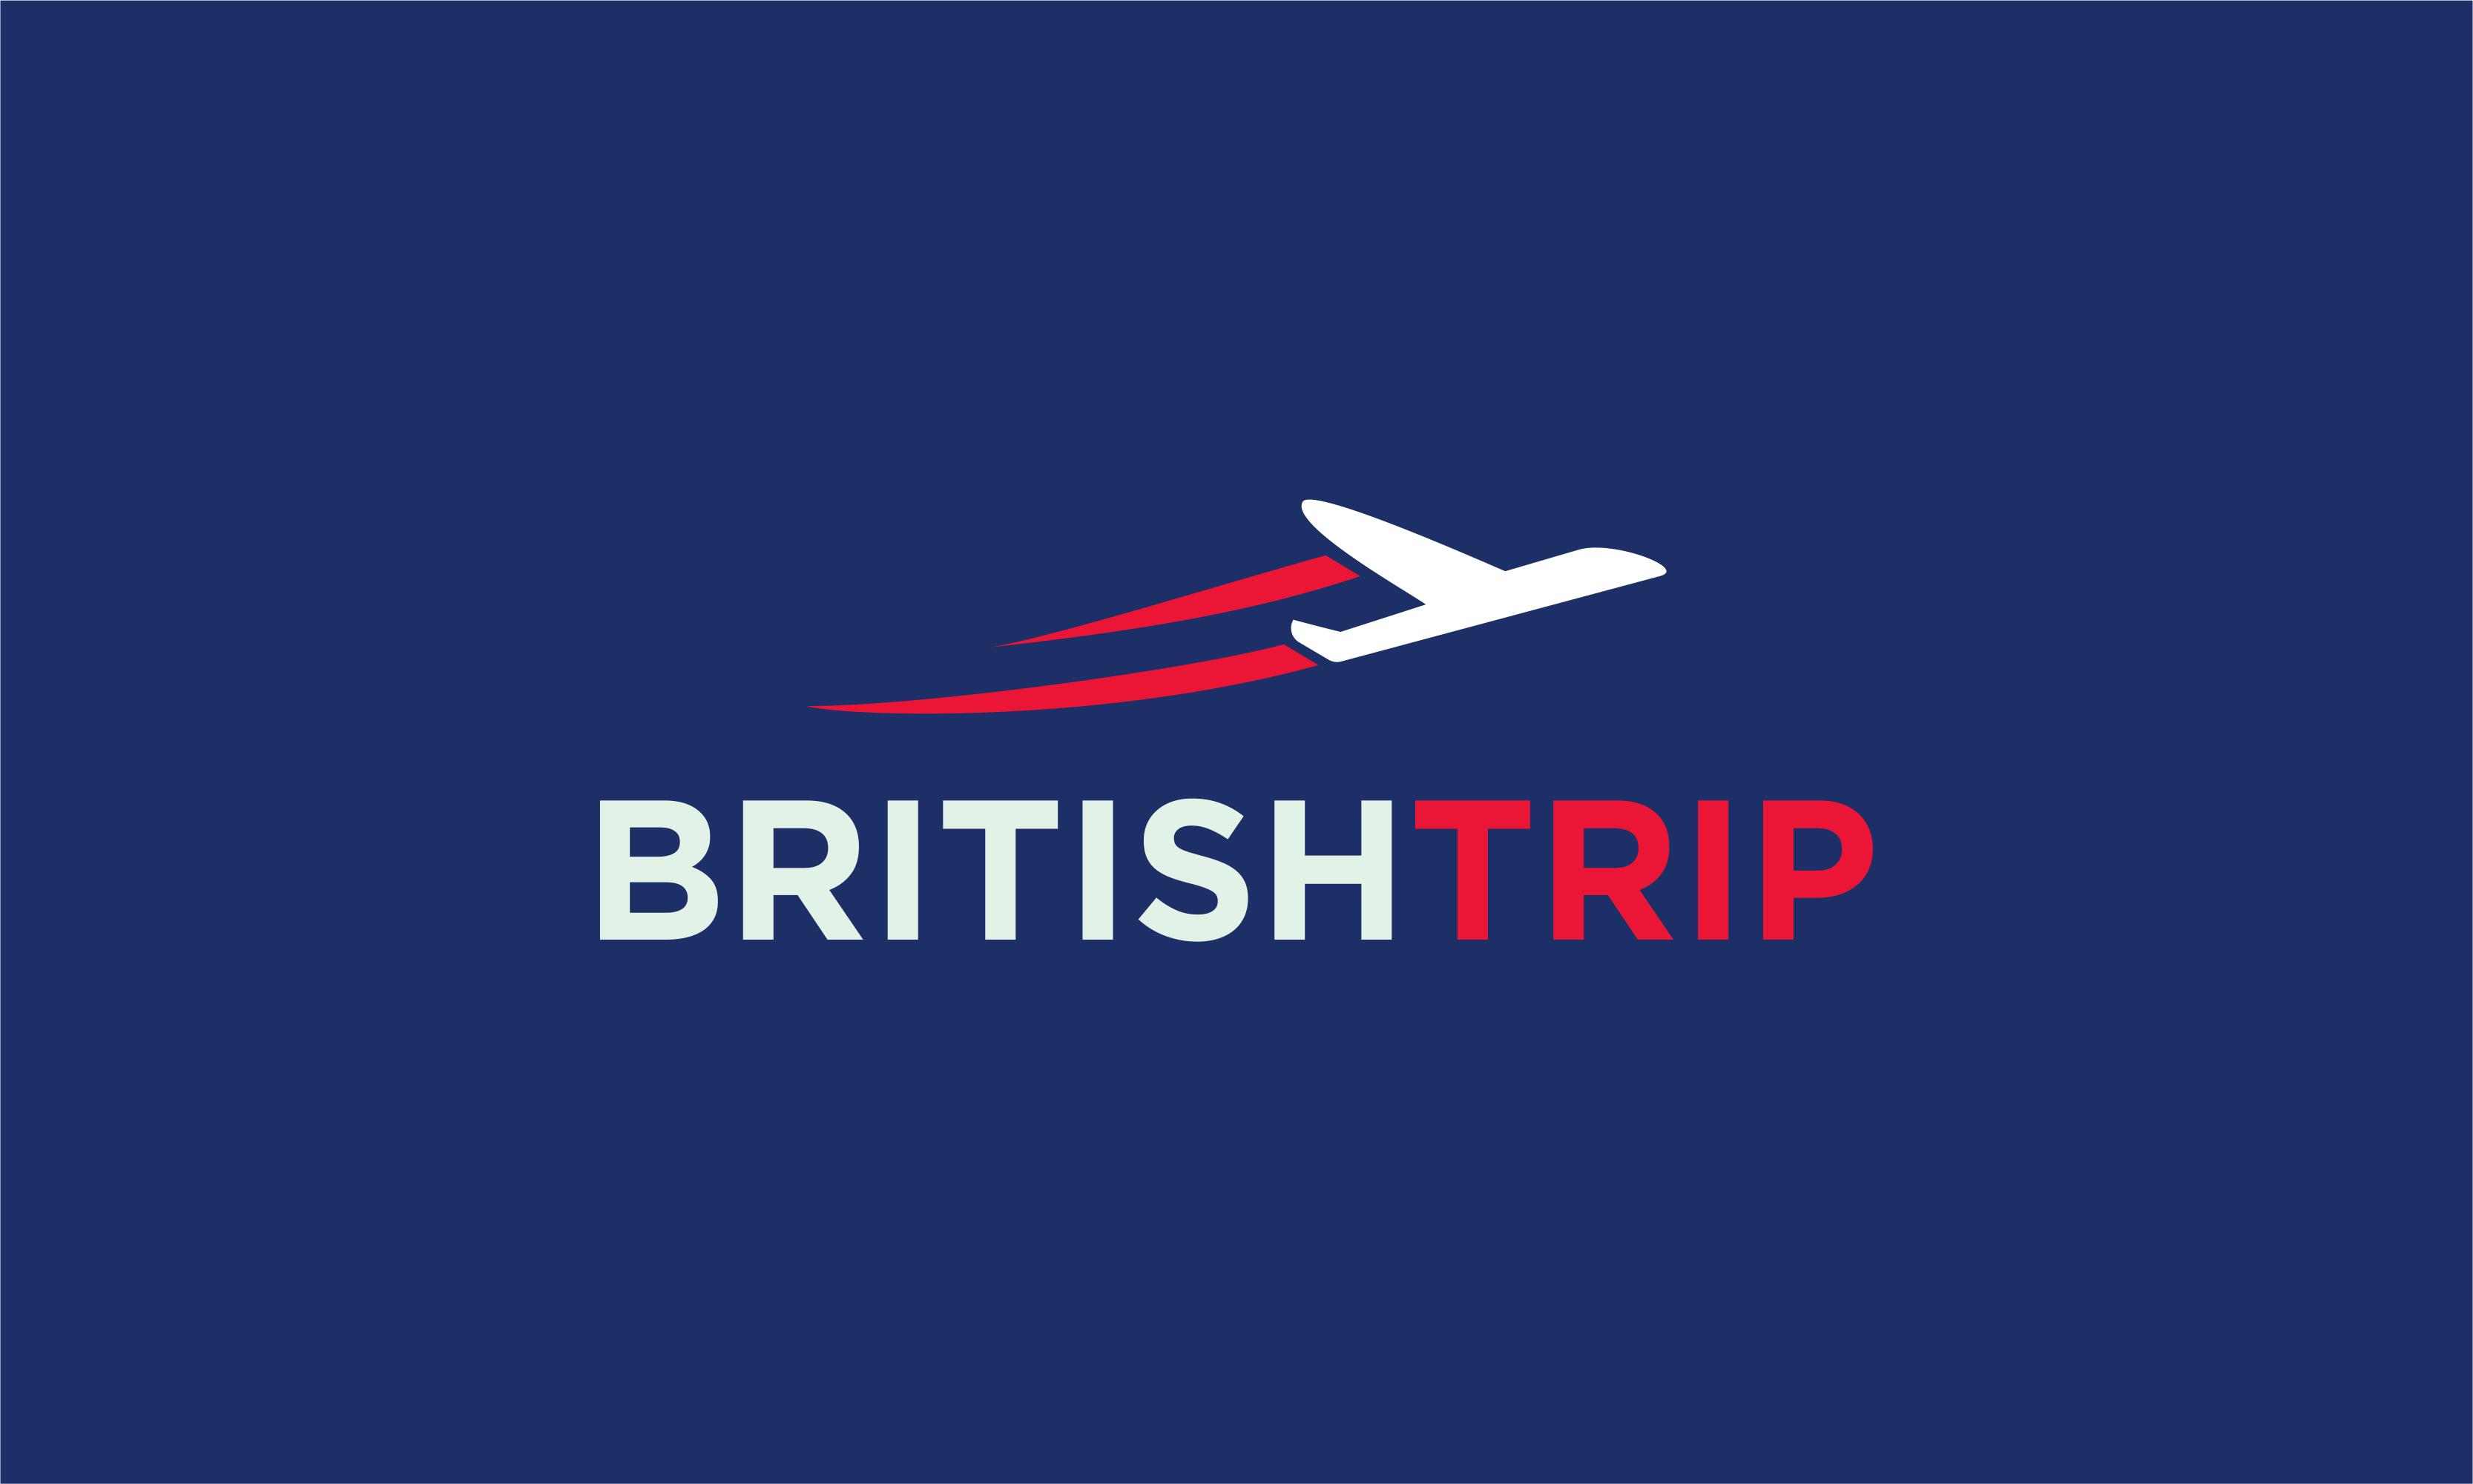 Britishtrip